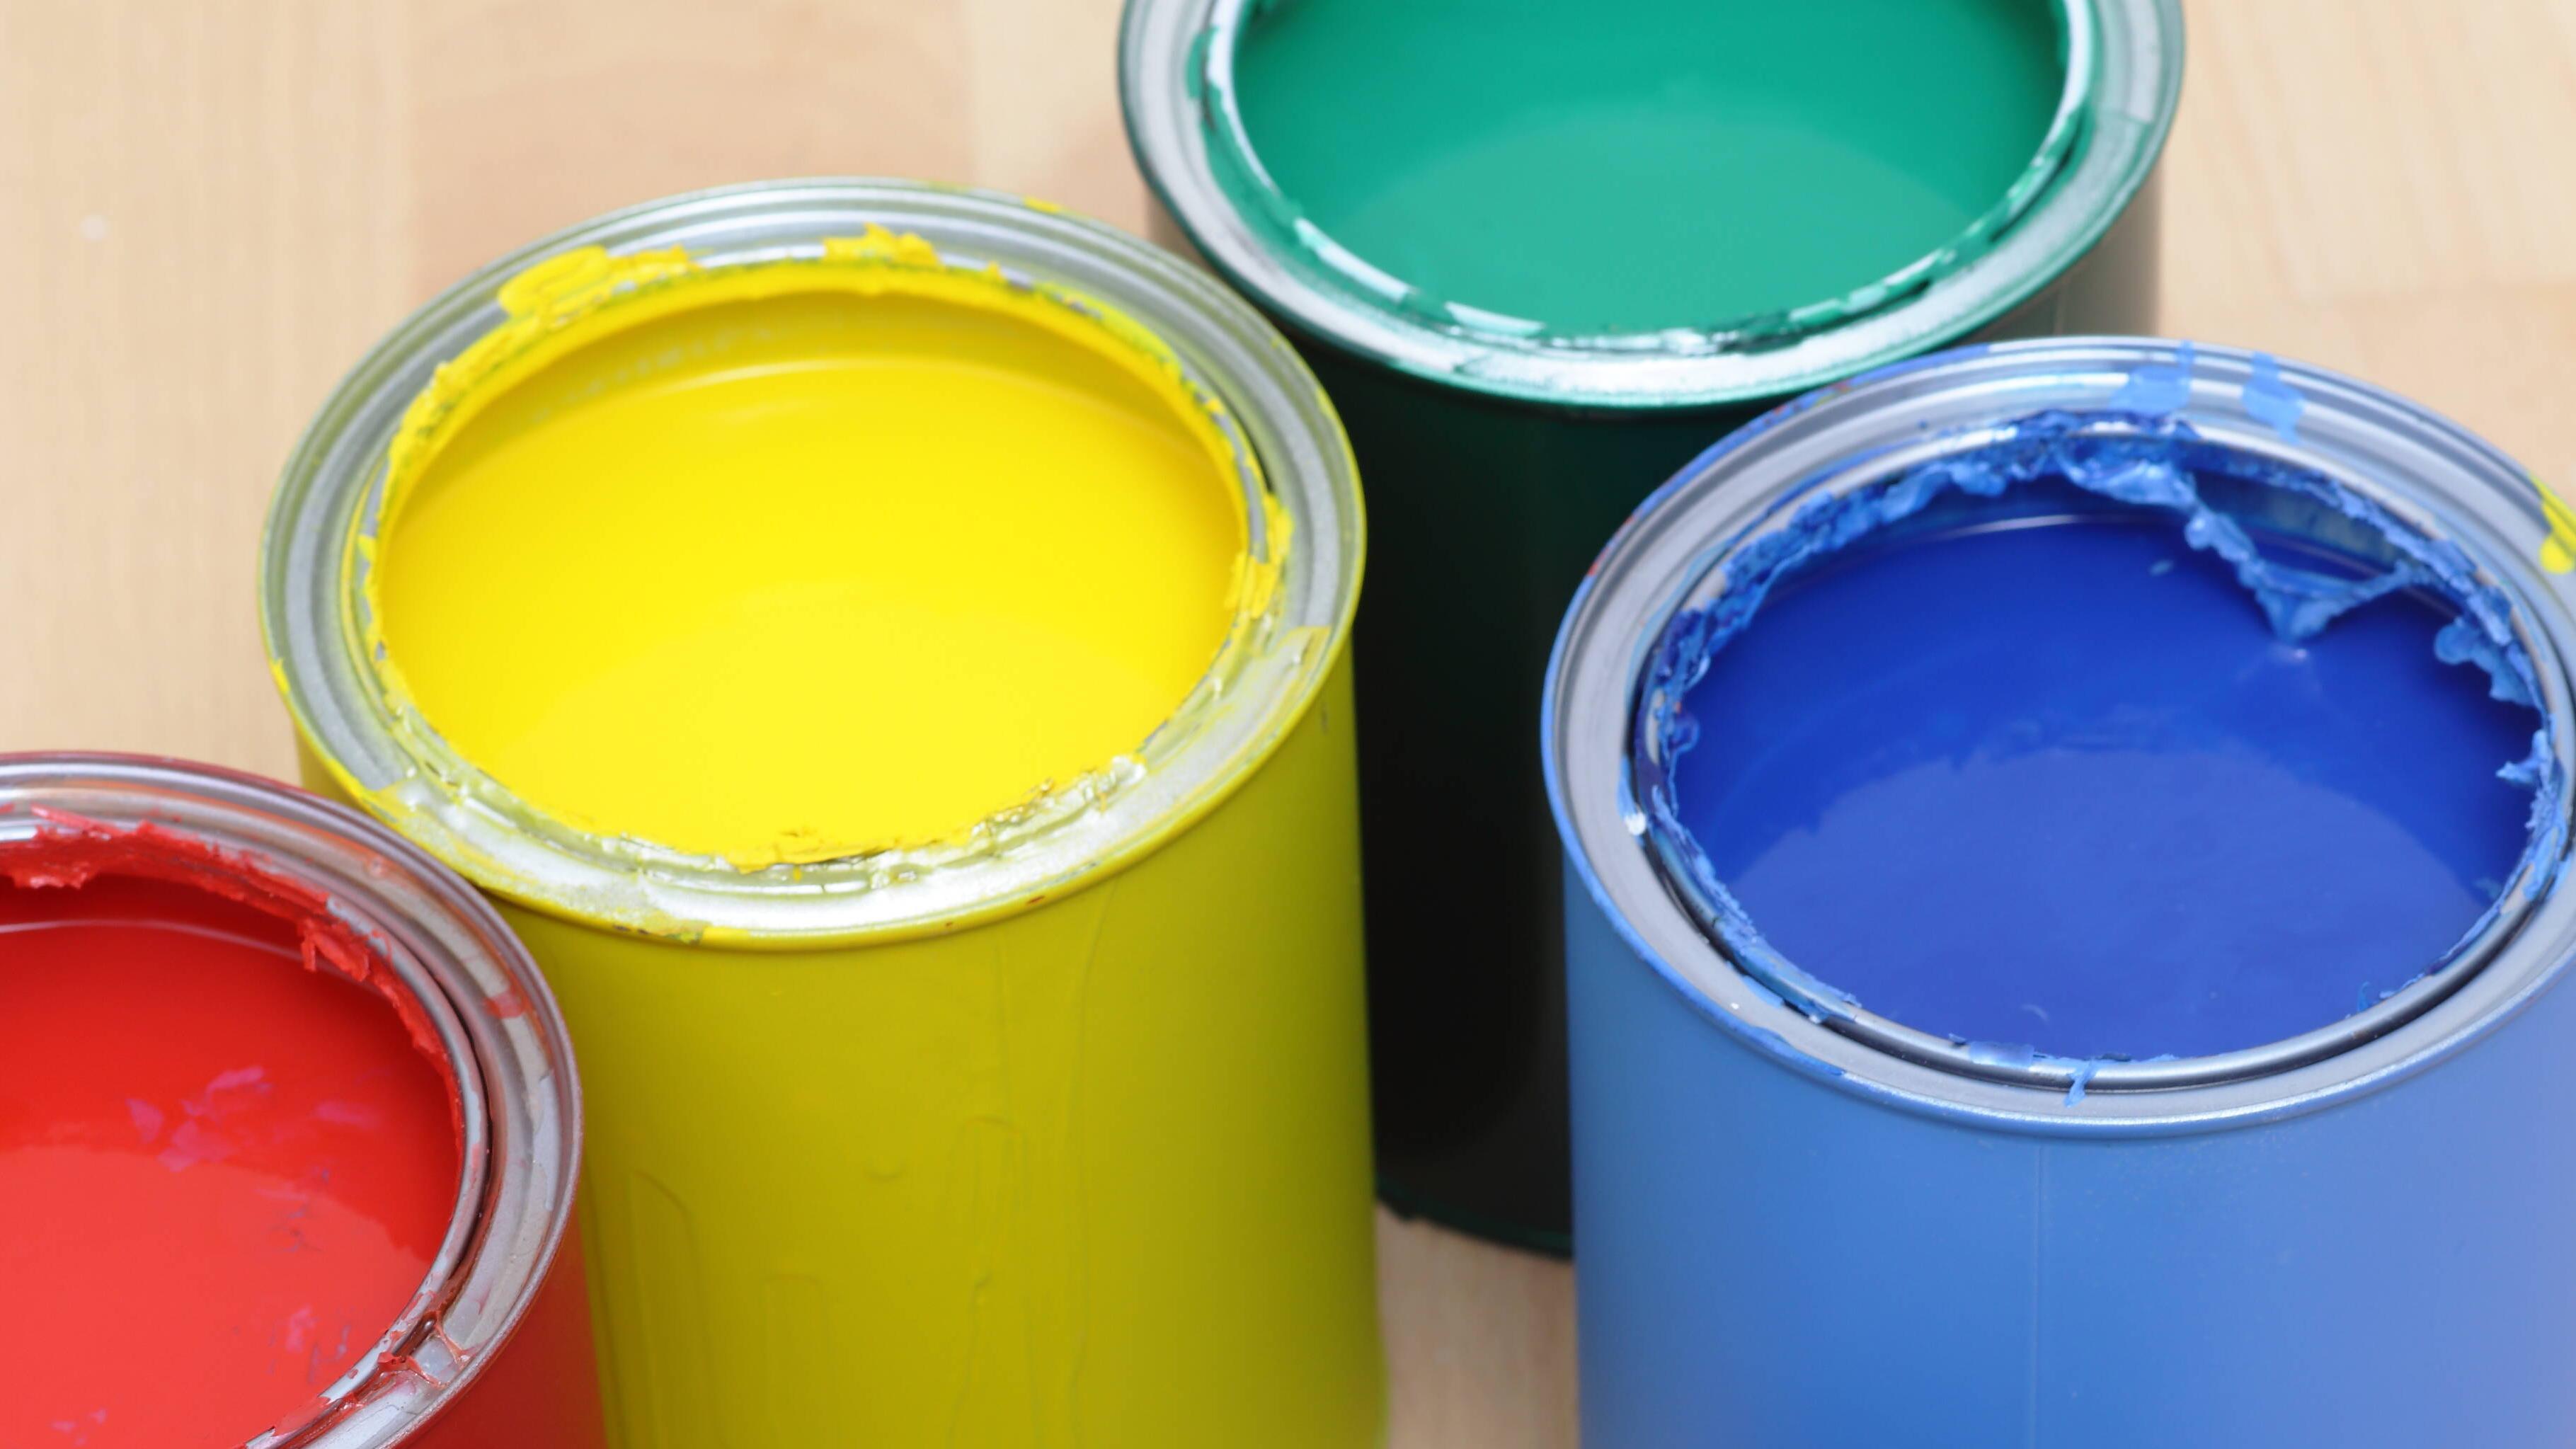 Mit Kaltporzellan lassen sich schöne Ideen verwirklichen. Verwenden Sie Acrylfarben, um ihn zu bemalen.